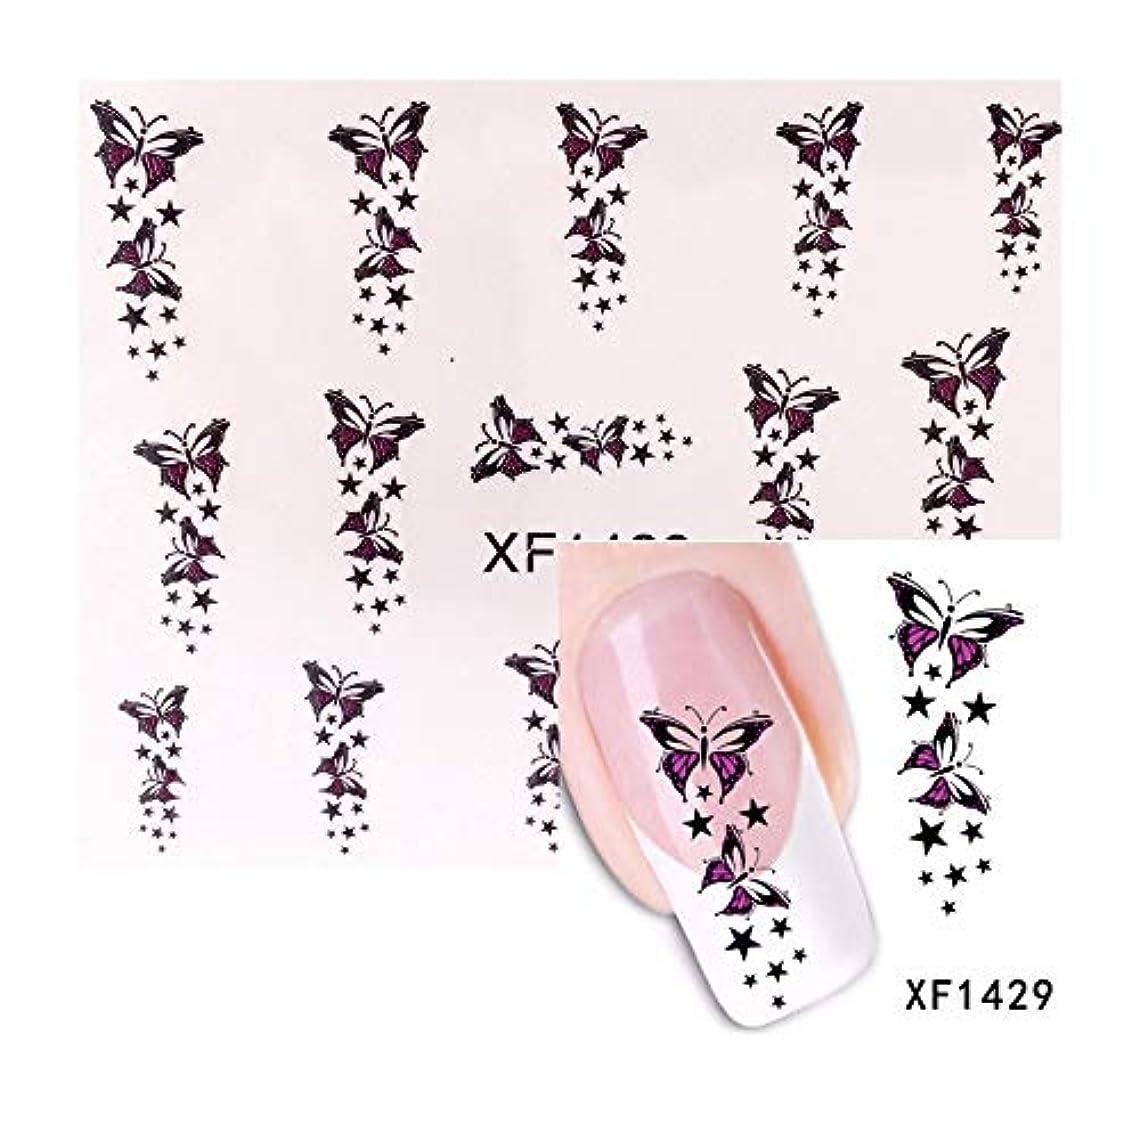 ベッド衝撃腰SUKTI&XIAO ネイルステッカー 花水転写ステッカーネイルアートデカールネイルラップ一時的な入れ墨透かしツール